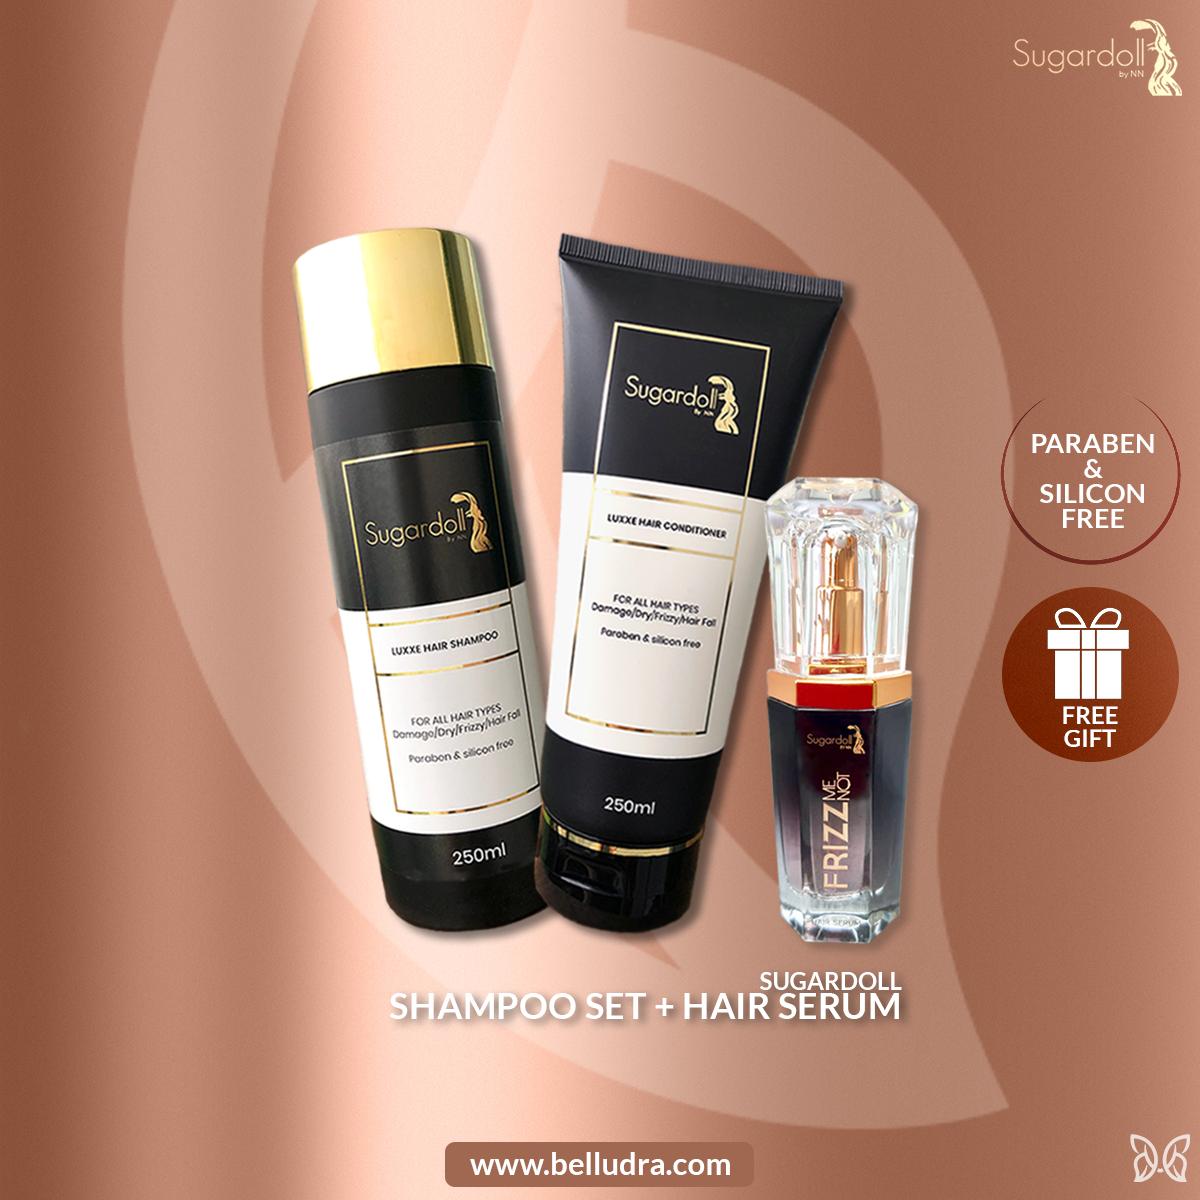 [Hair Treatment] Sugardoll Shampoo Set + Sugardoll Frizz Me Not Hair Serum + Free Gift